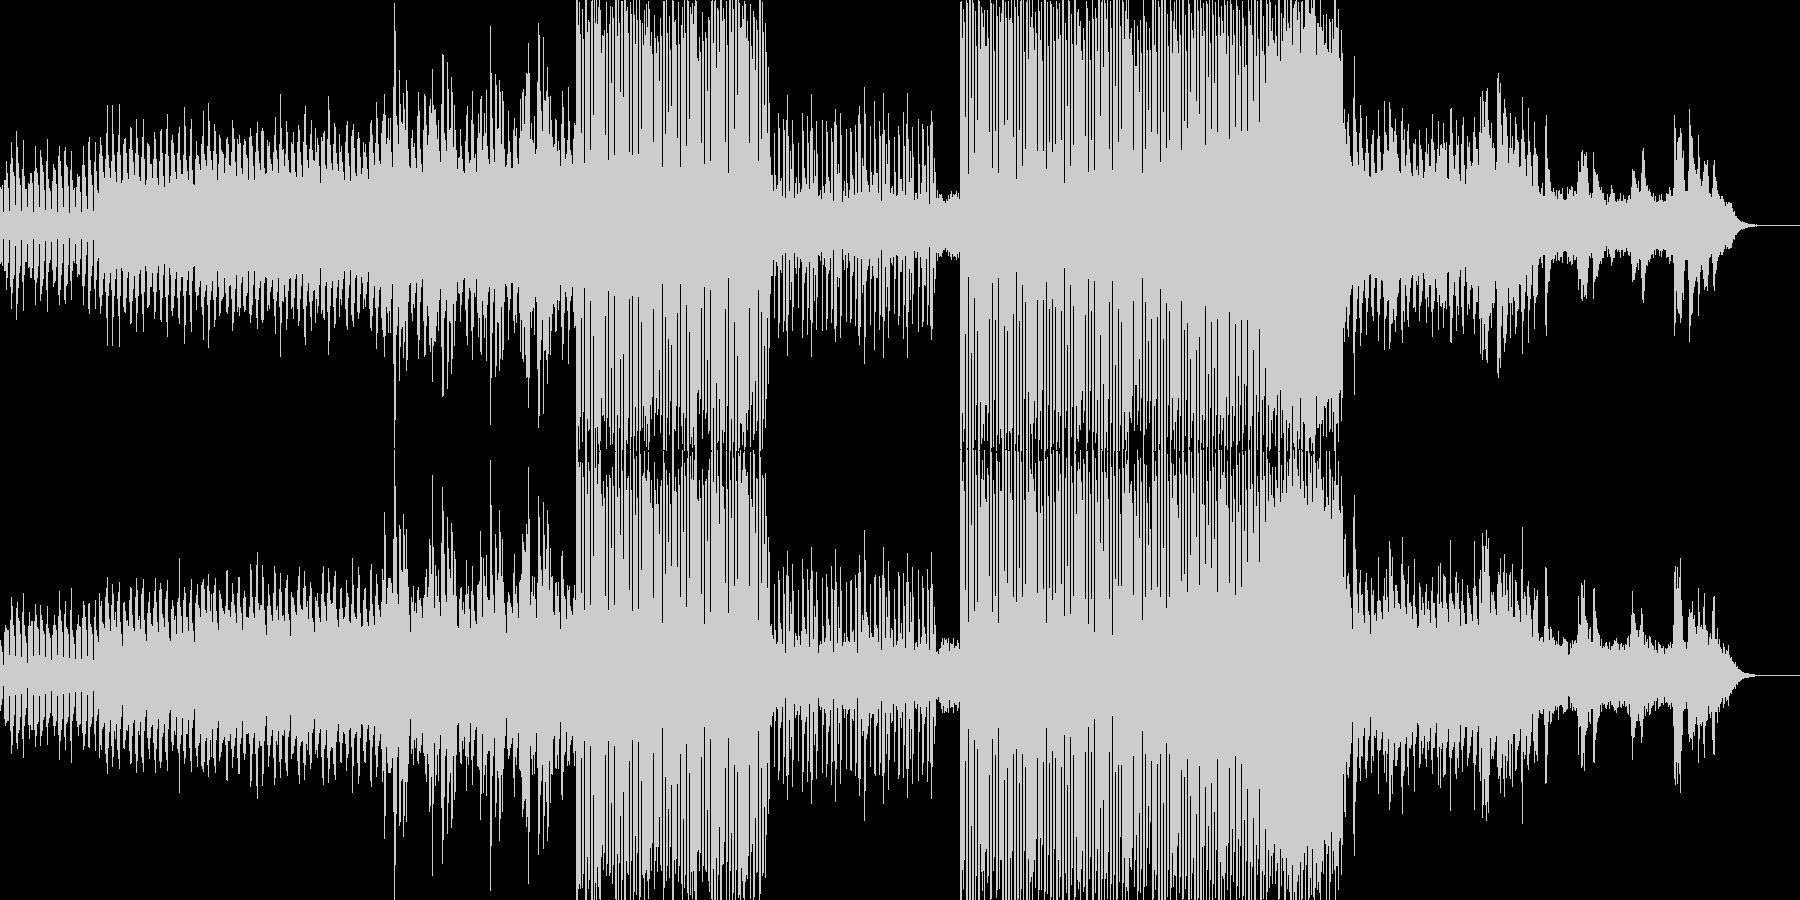 月夜をイメージしたグルーヴ感のある曲で…の未再生の波形